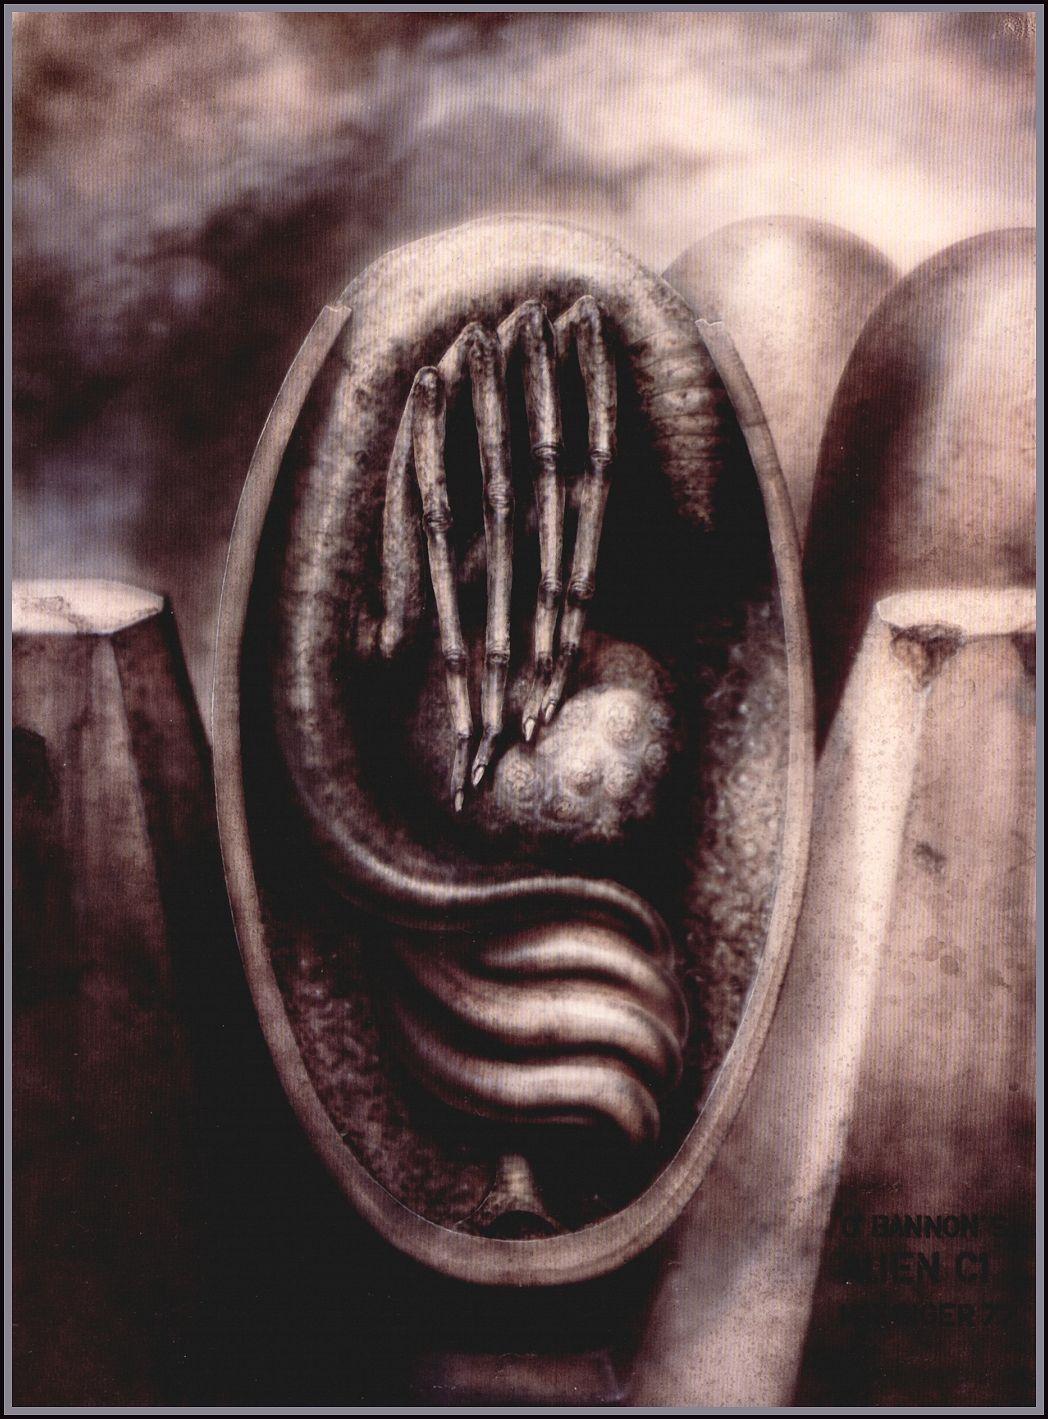 H. R. Giger Alien film design